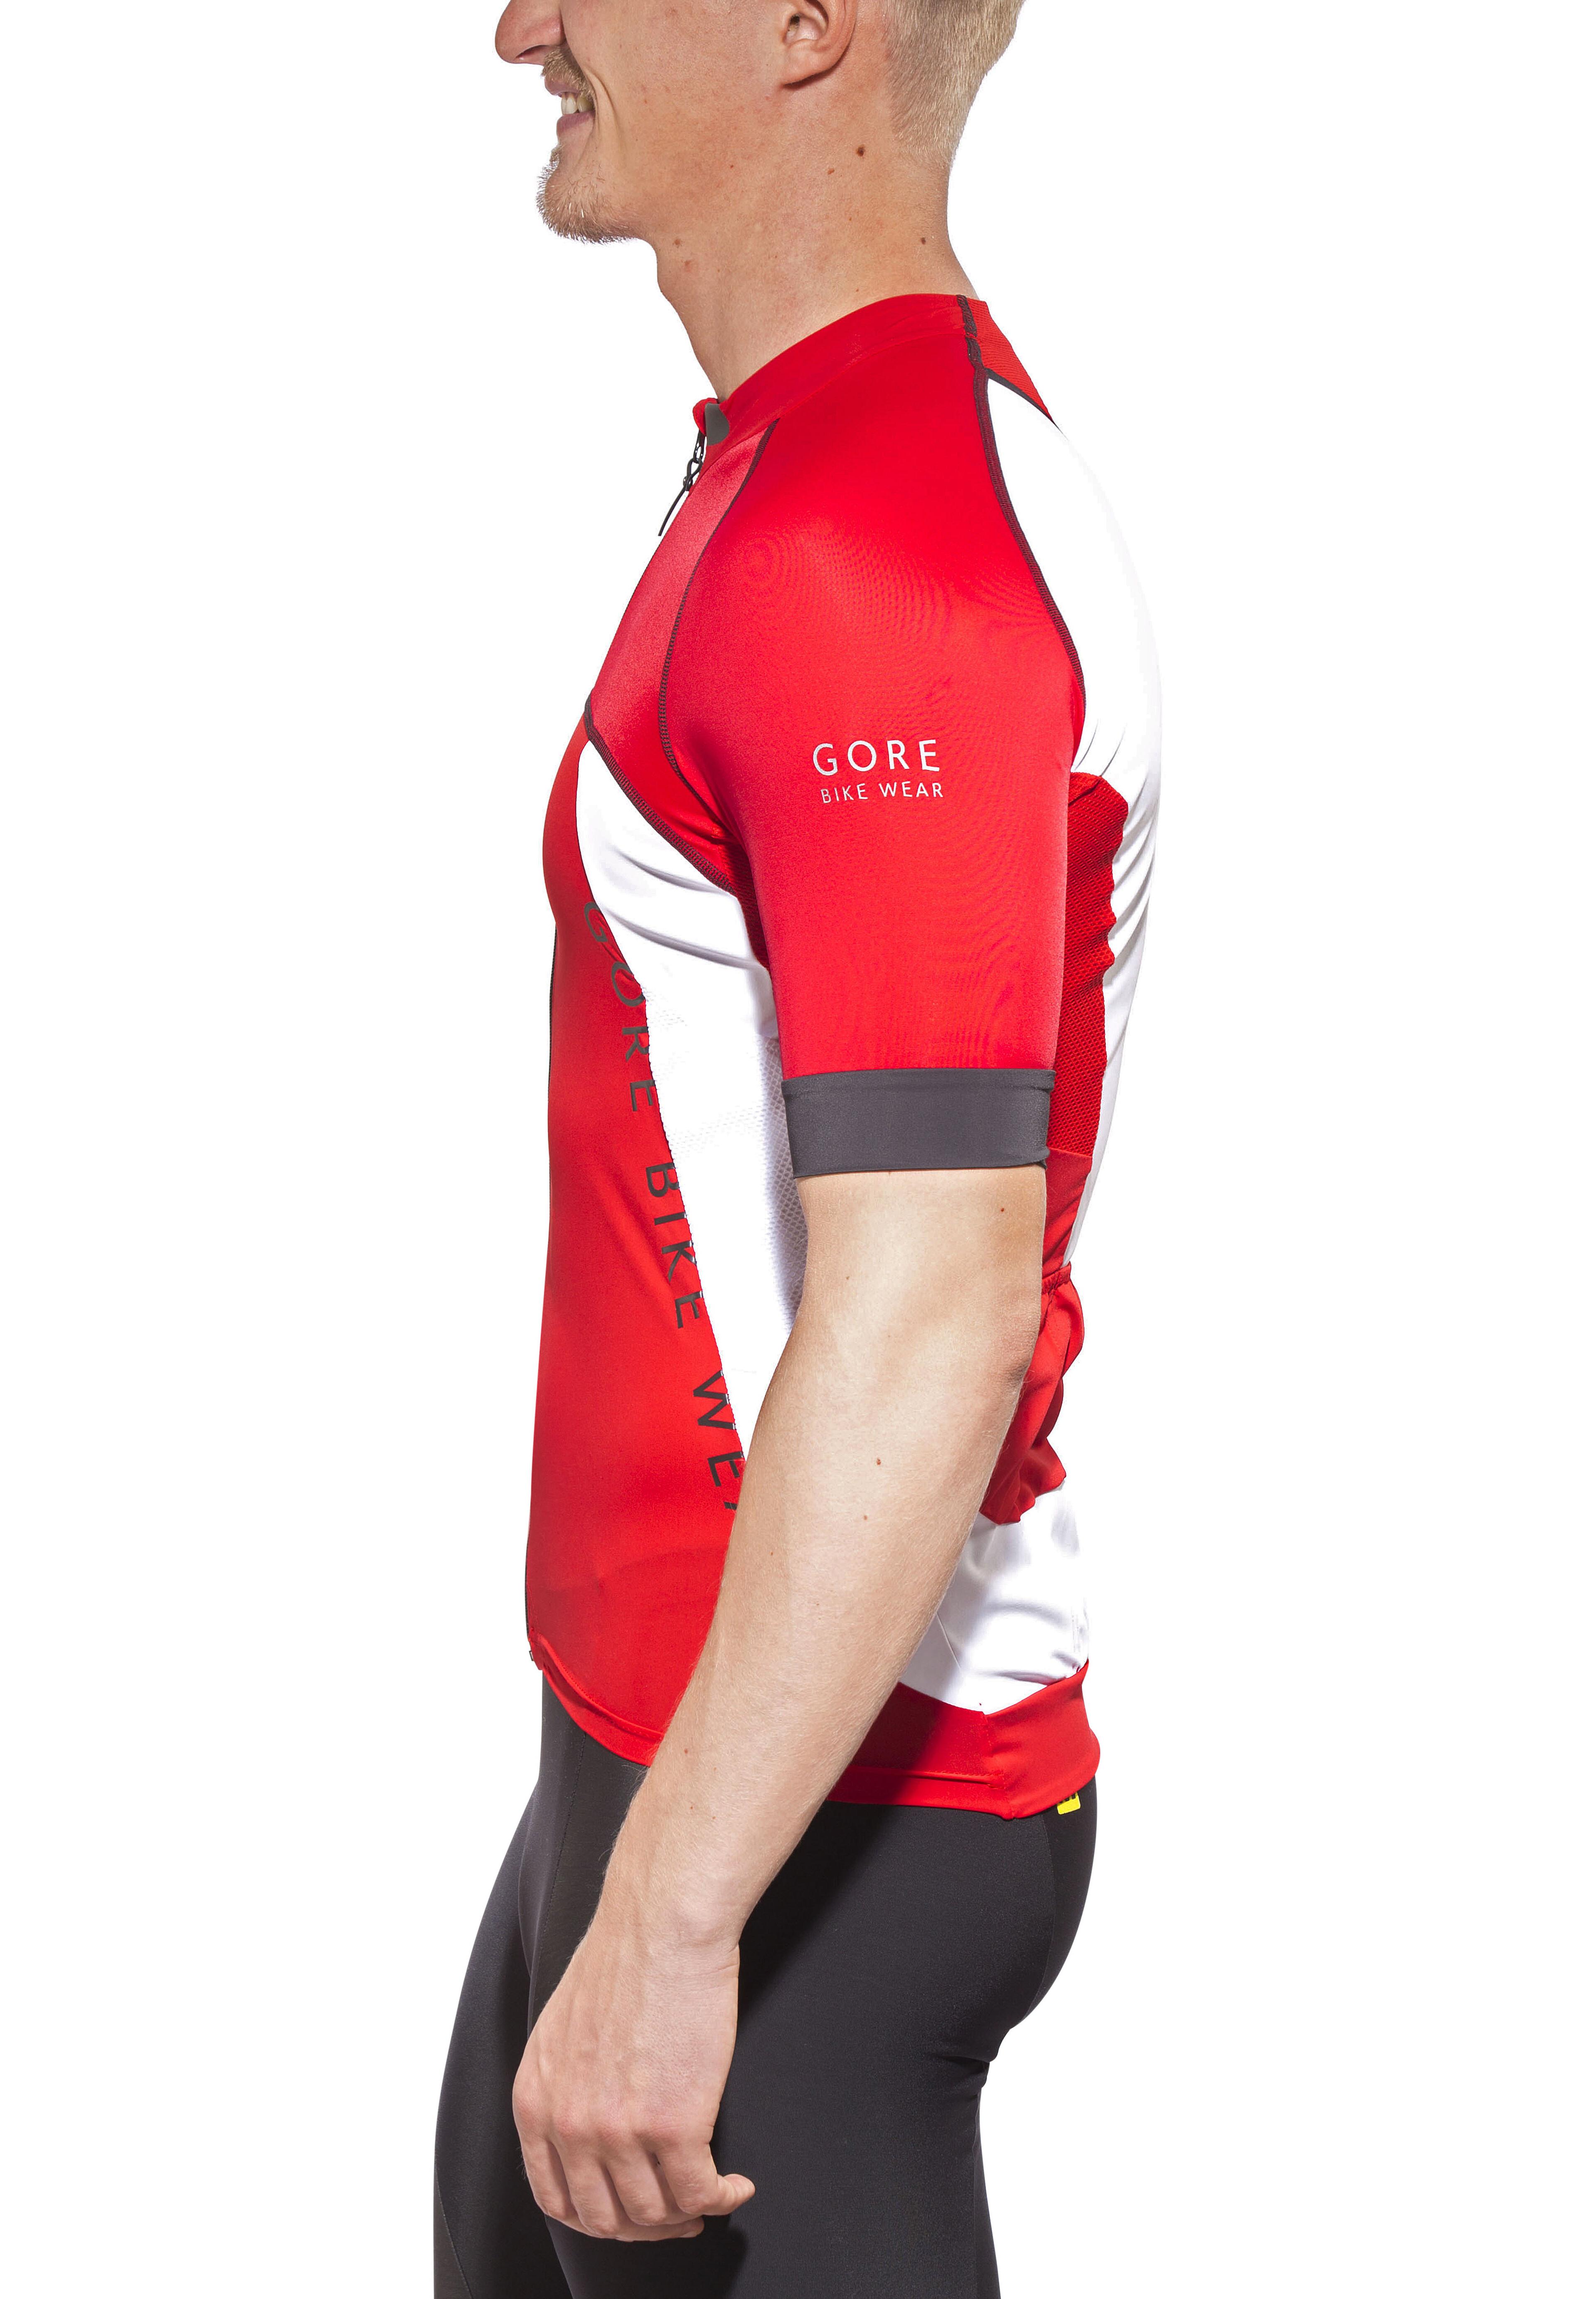 a01cbbc13e8a GORE BIKE WEAR Alp-X Pro Jersey Uomo, red/white su Bikester